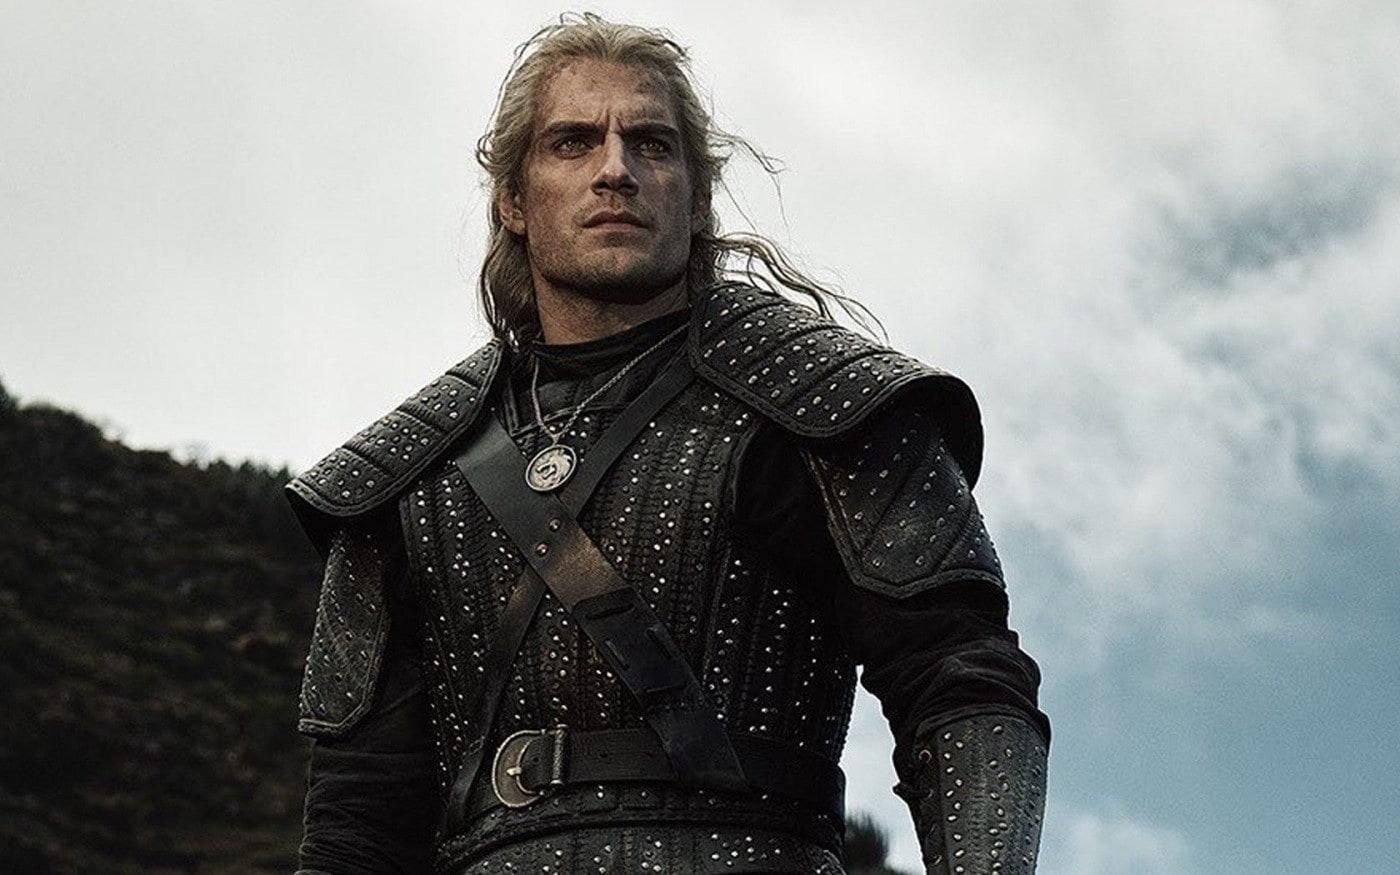 [The Witcher] Netflix revela novo trailer da série